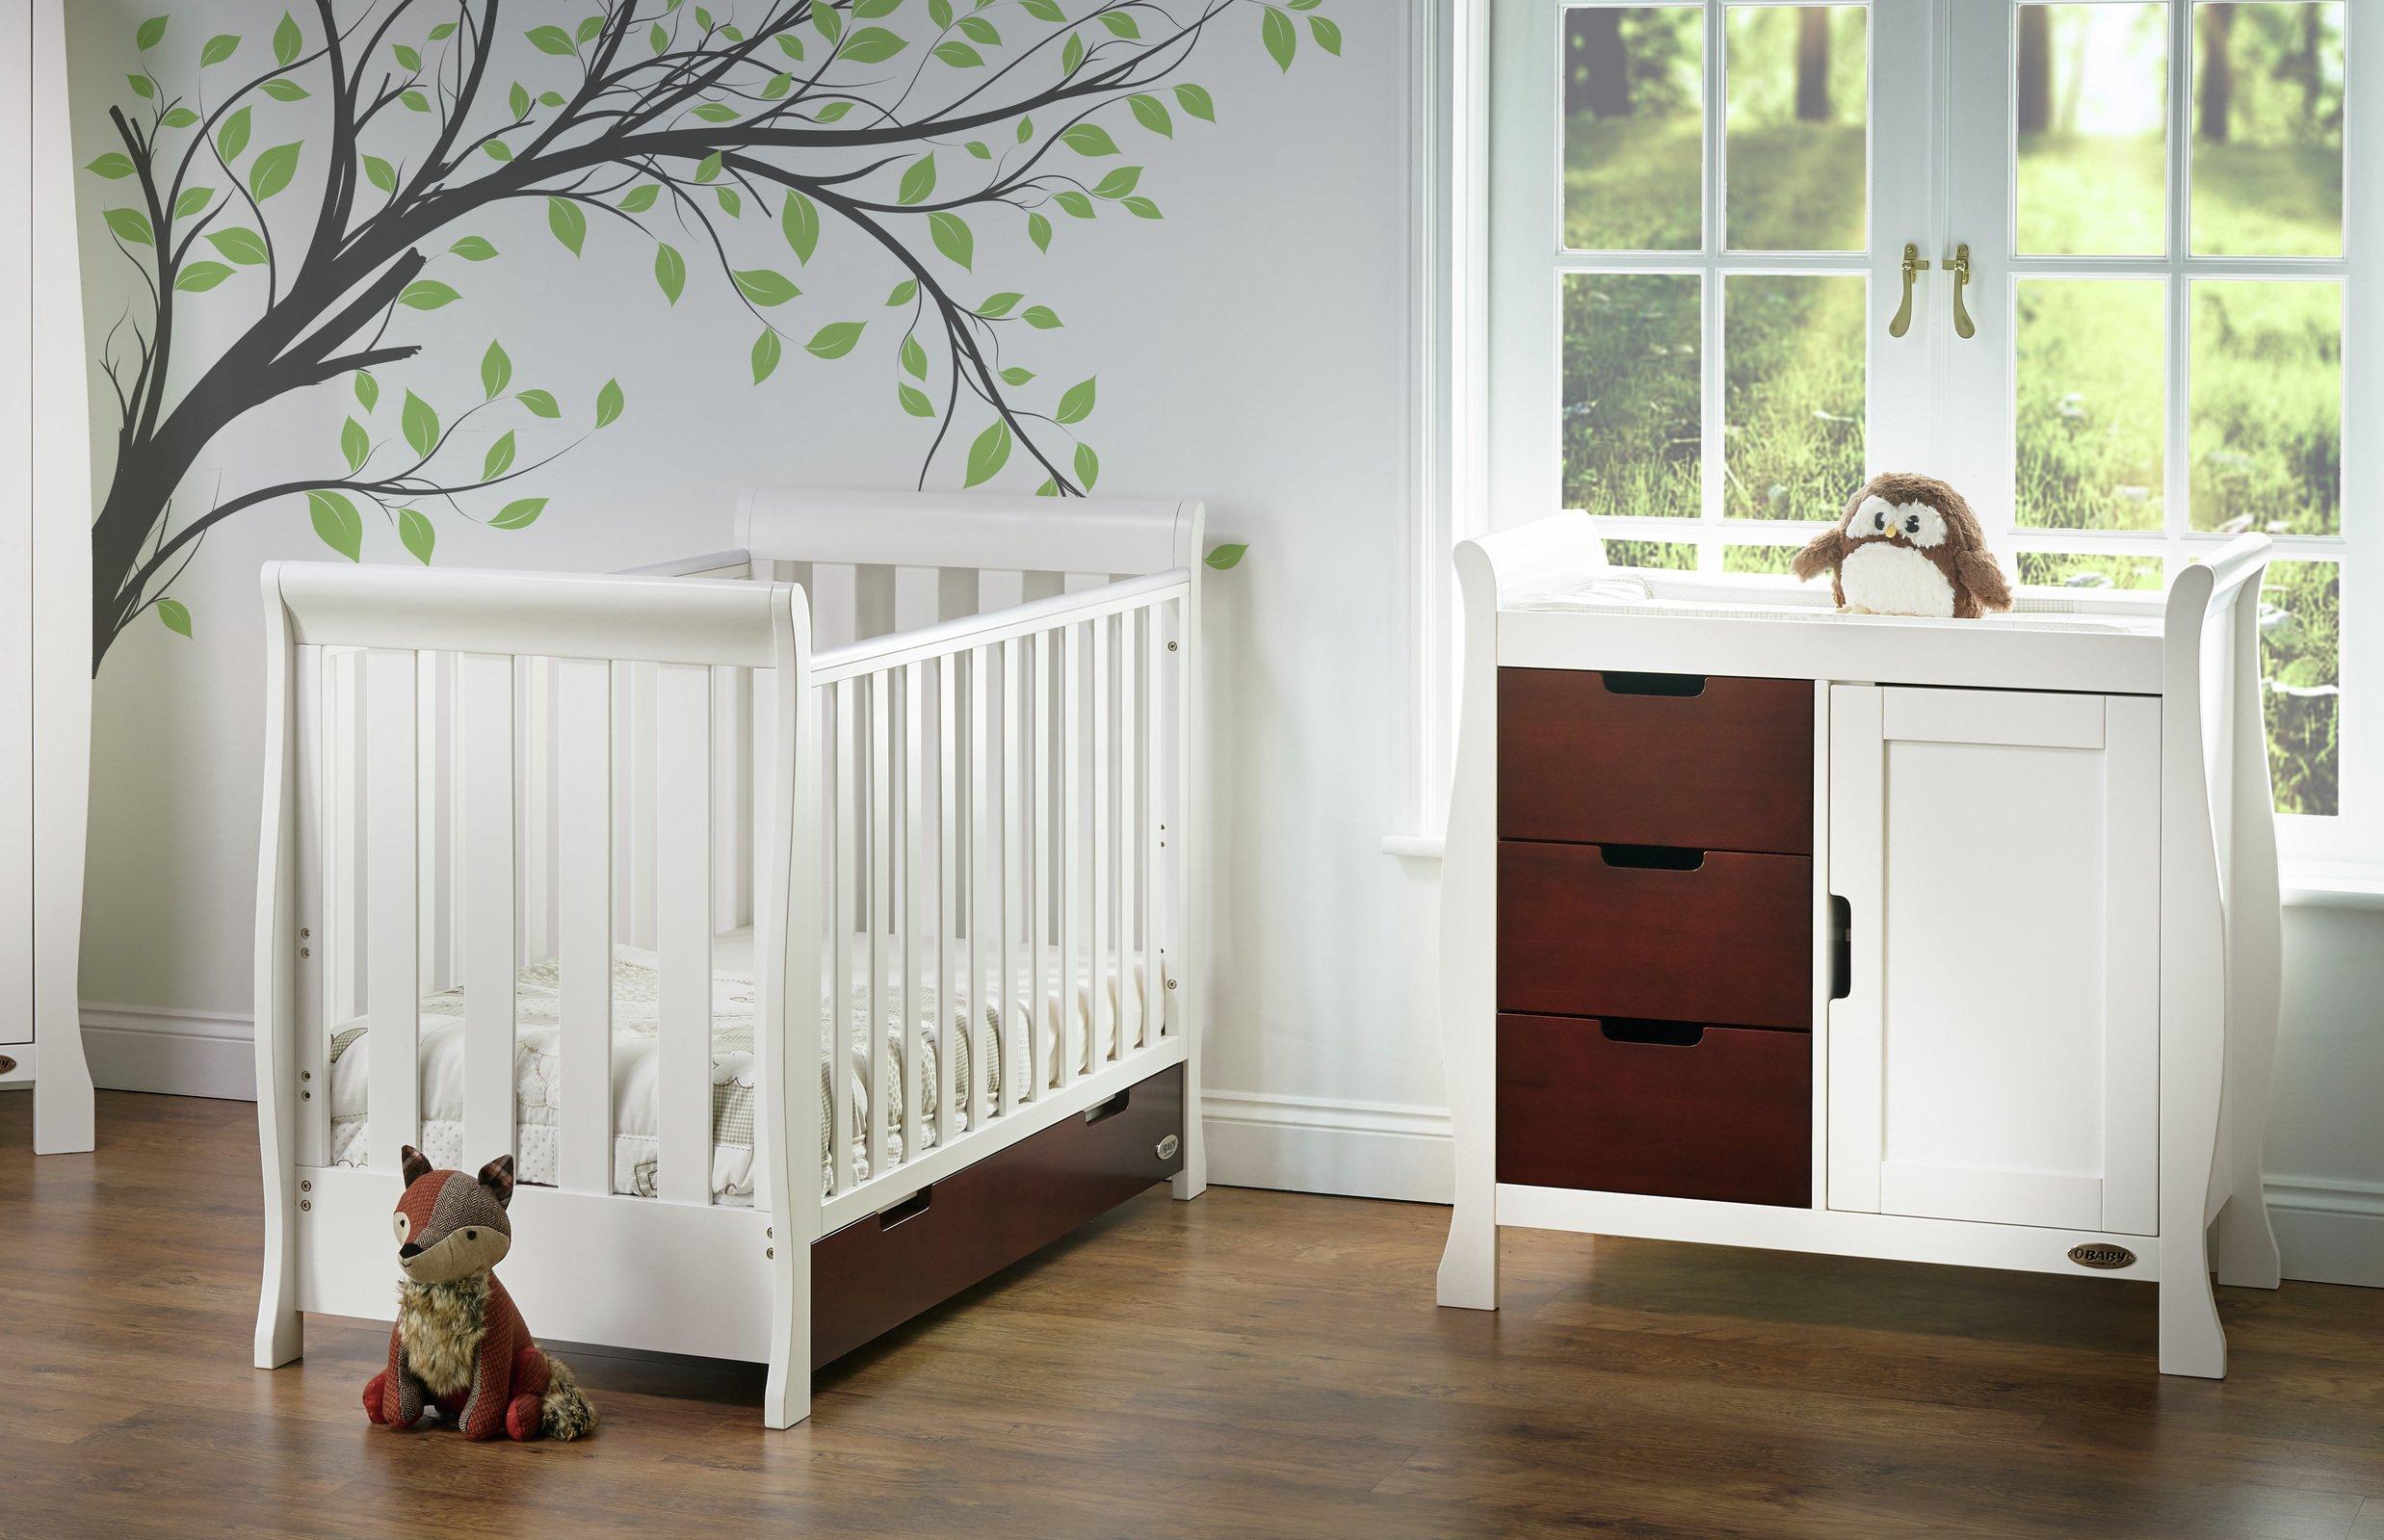 Obaby Stamford Mini 2 Piece Room Set - White with Walnut